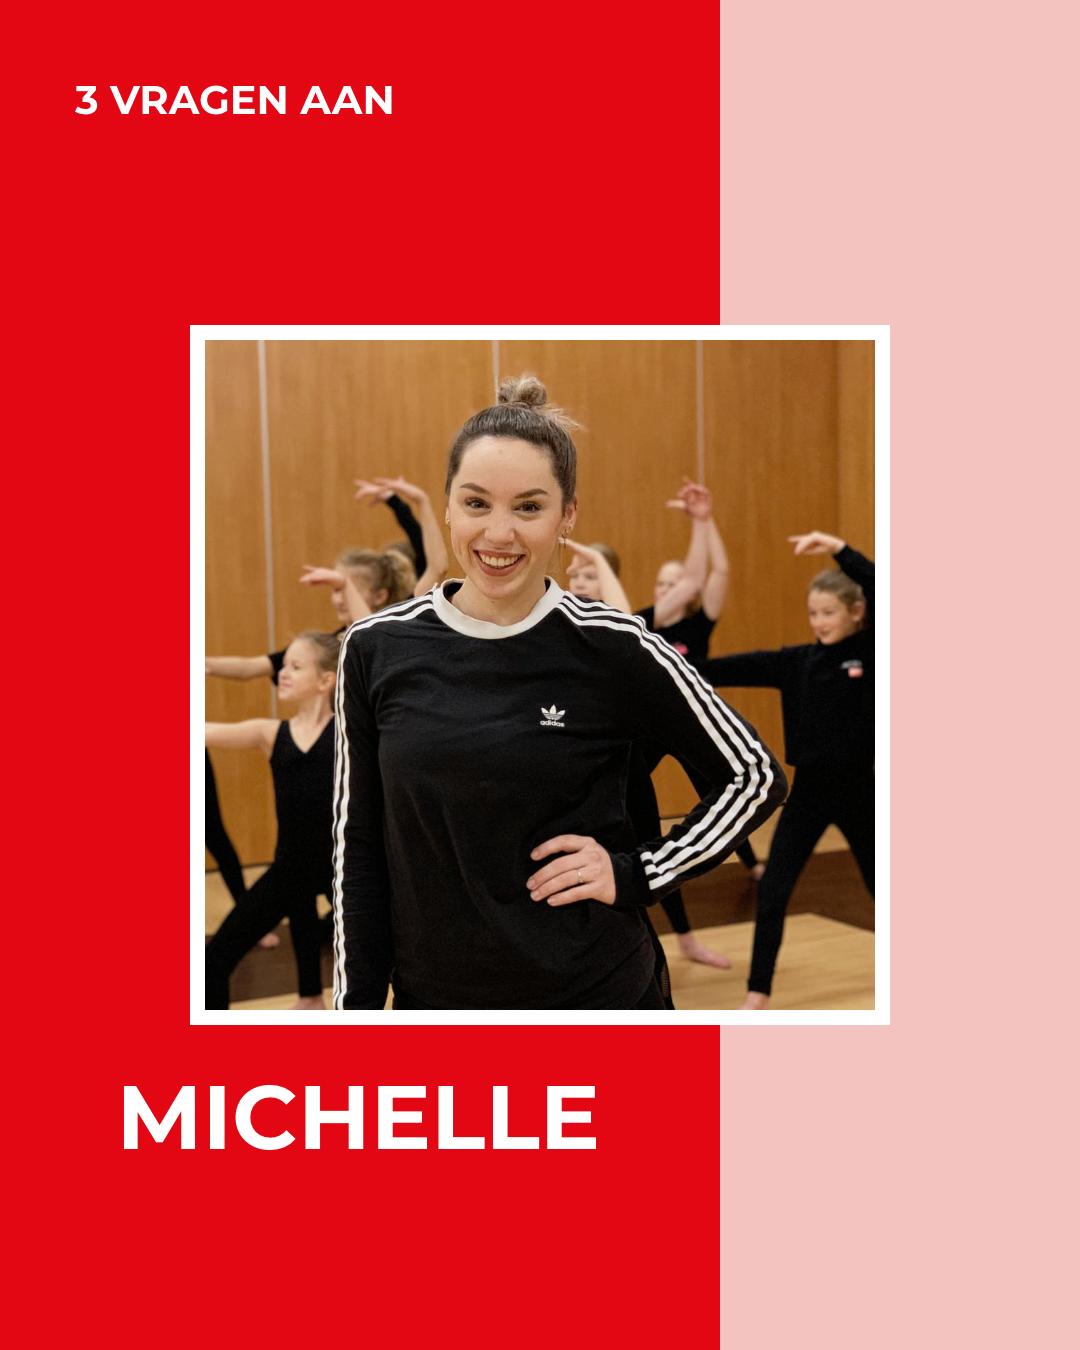 3 VRAGEN AAN – MichelleK